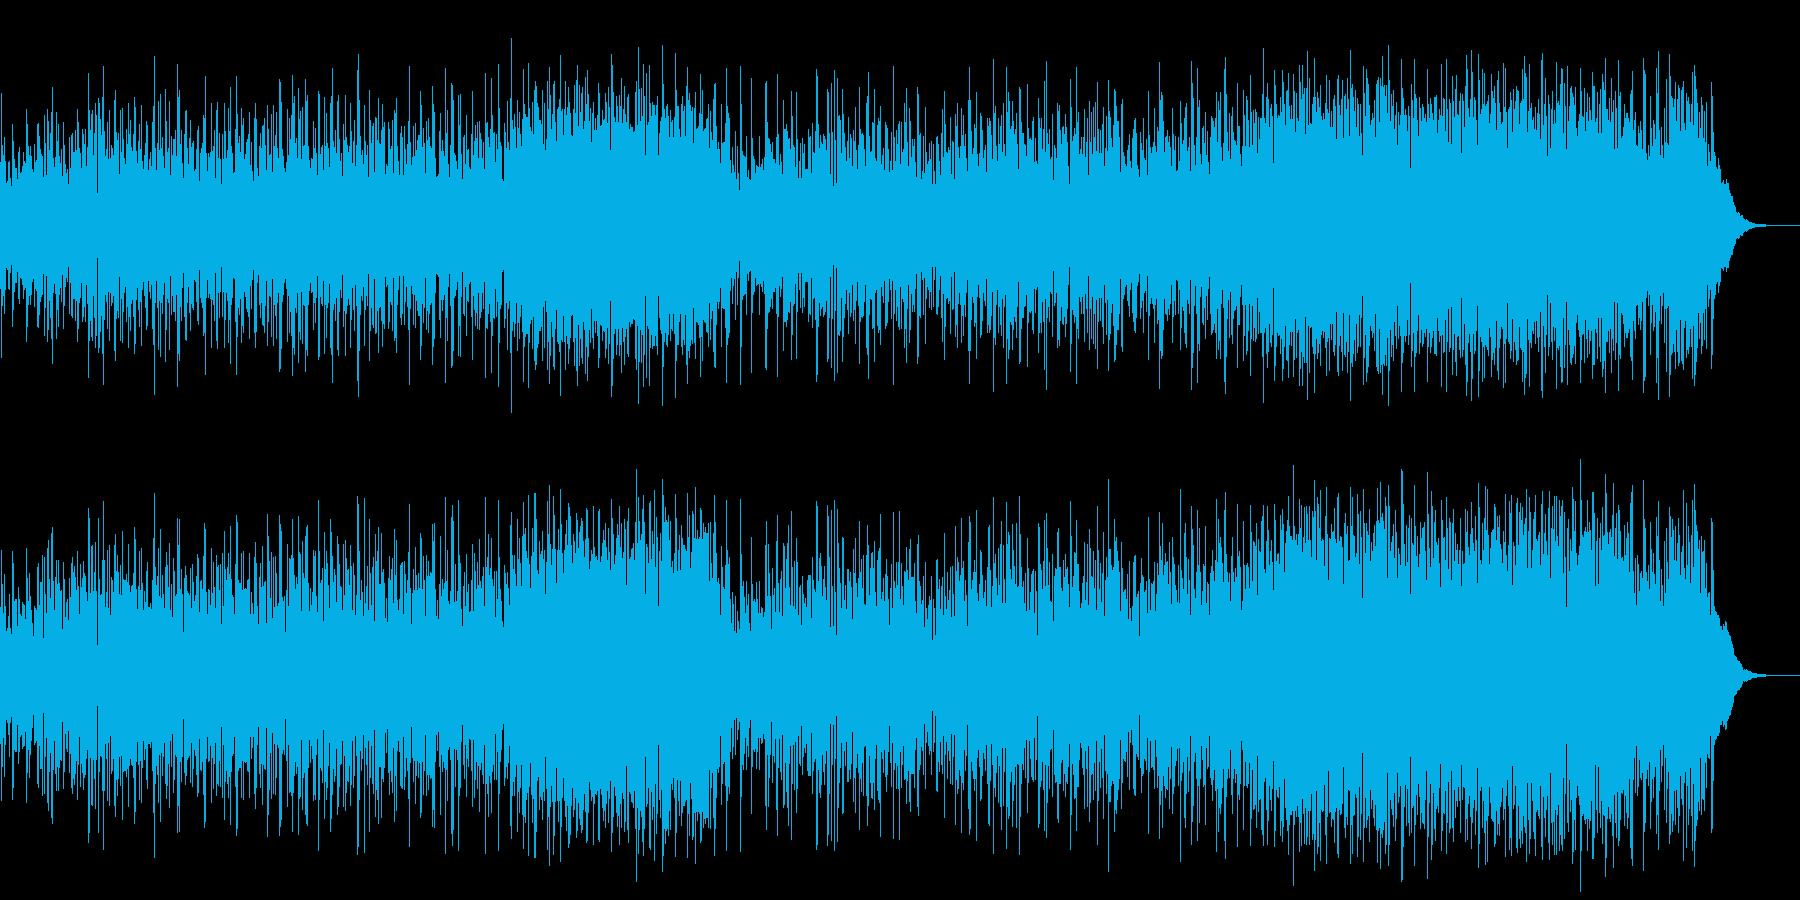 ボサノバのリズムの落ち着いたポップスの再生済みの波形